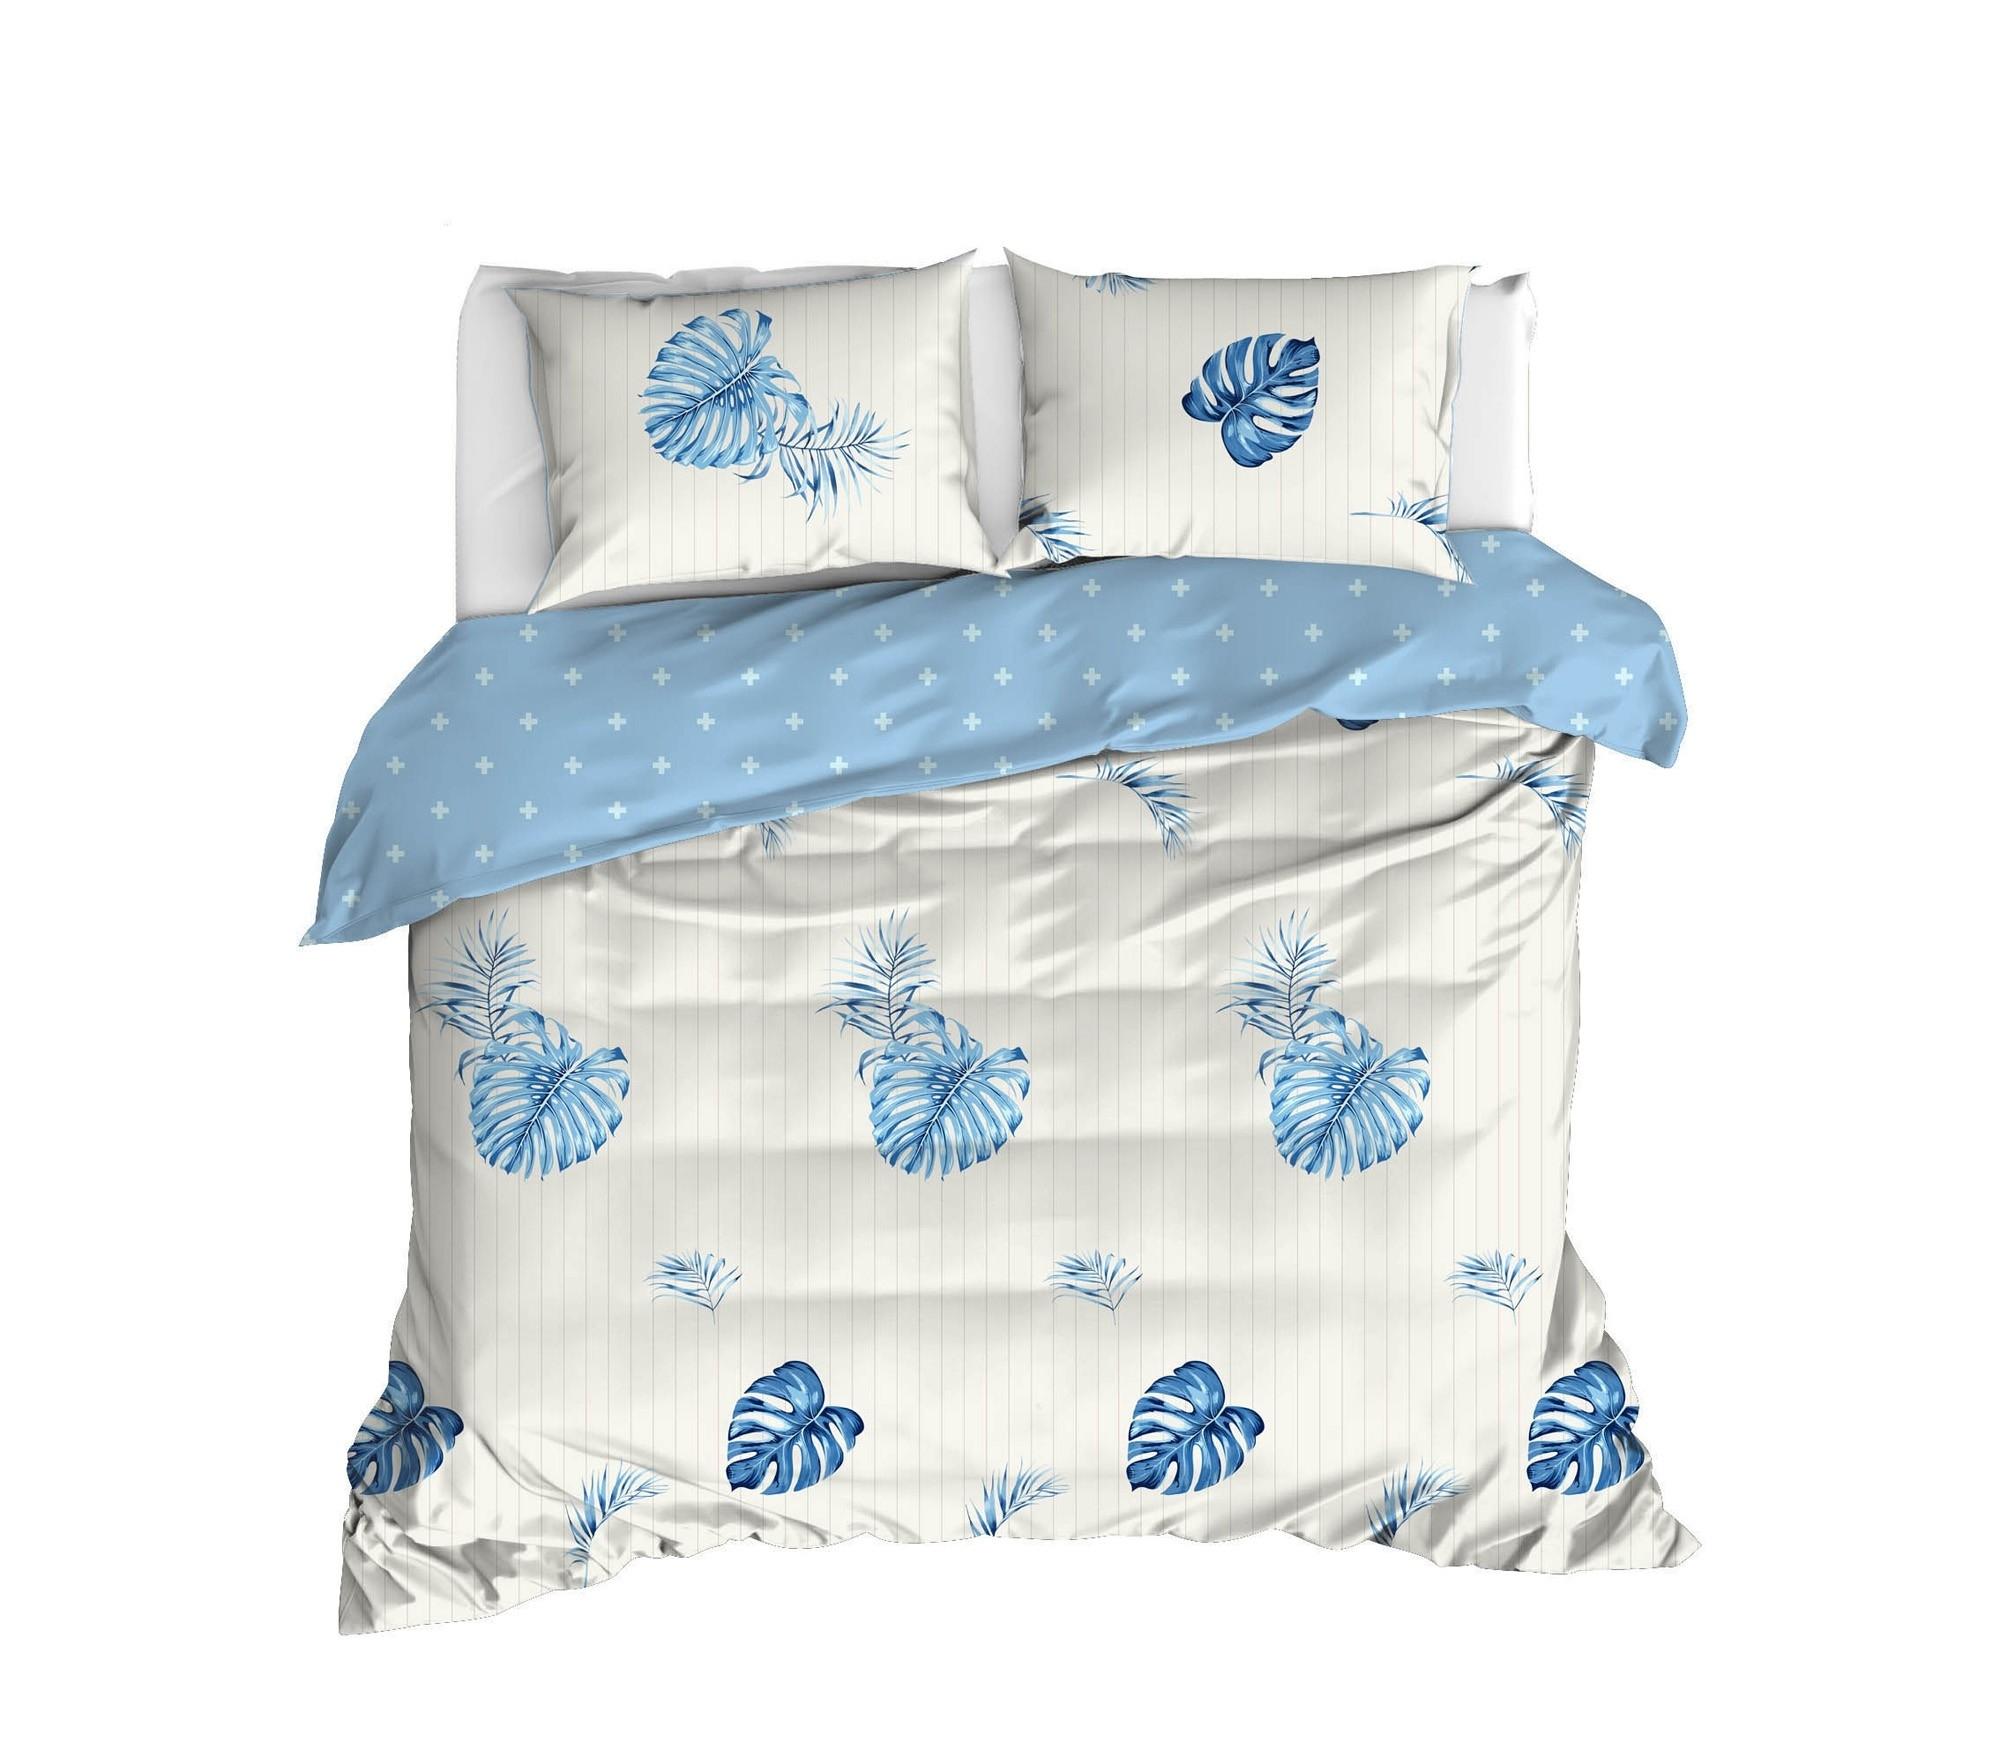 Lenjerie de pat din bumbac Ranforce Terezie Alb / Albastru, 200 x 220 cm